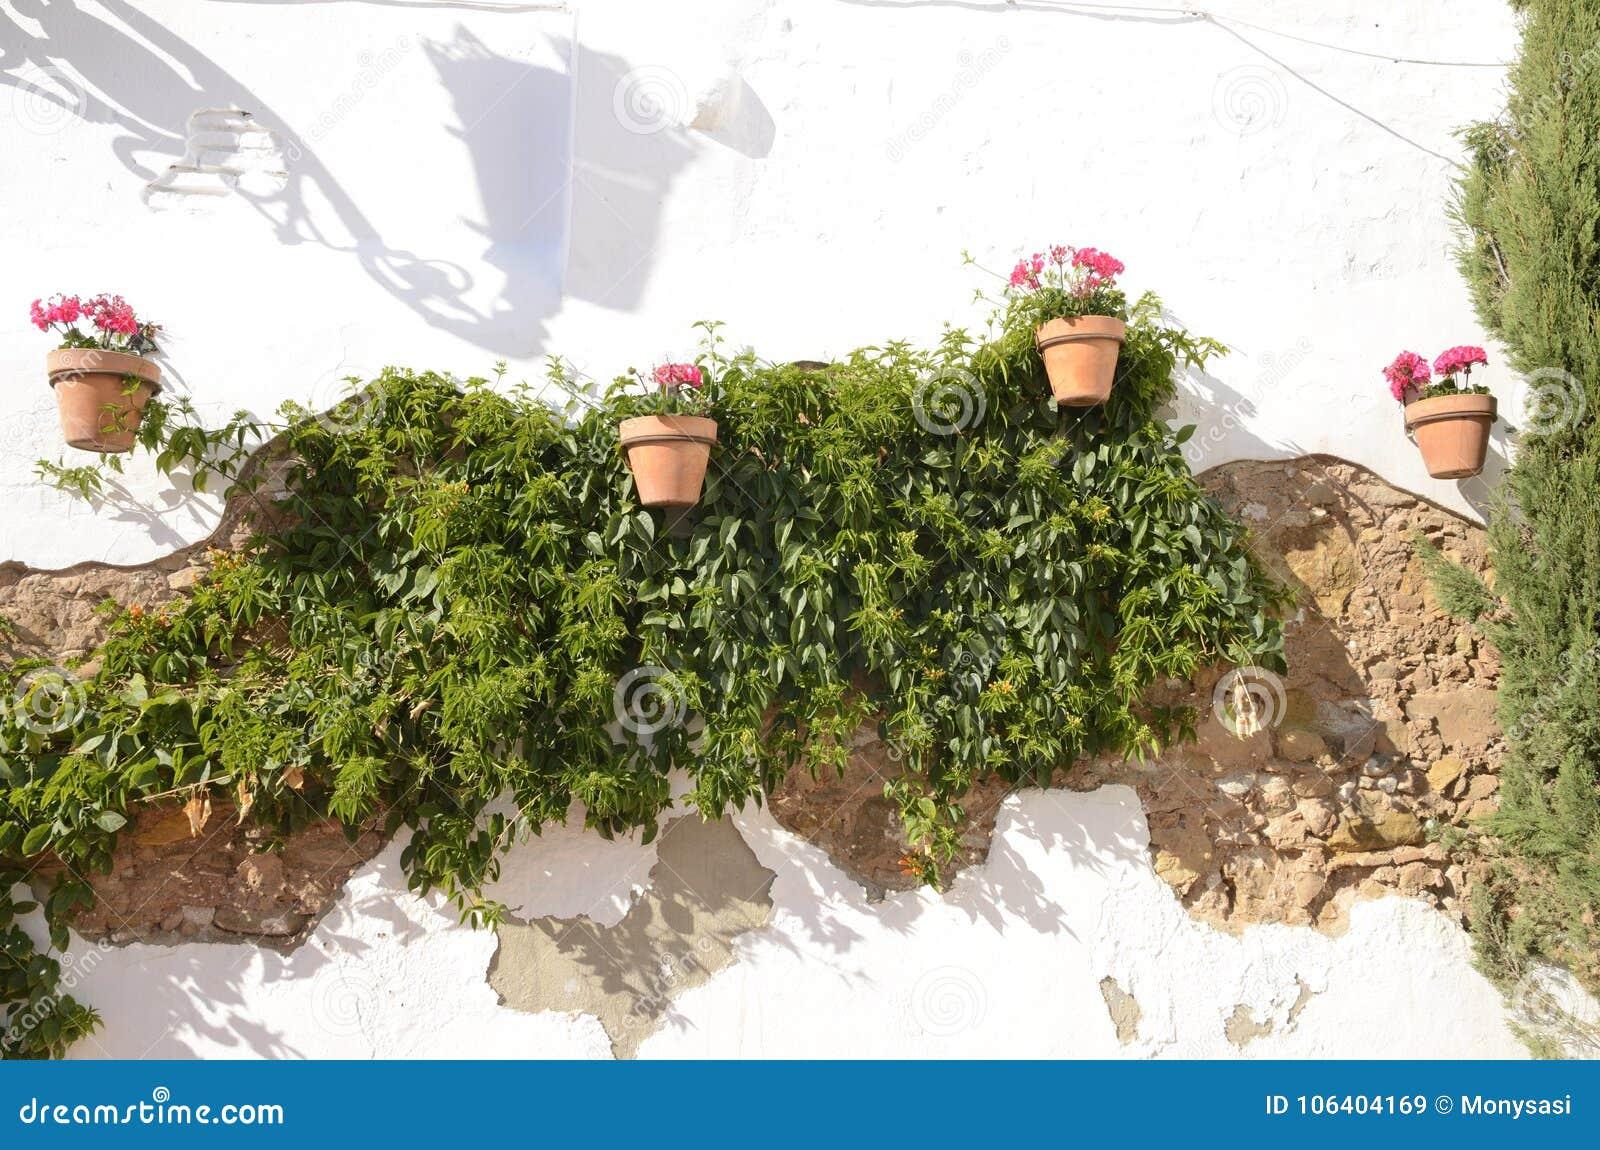 Rosa Rampicante In Vaso vasi da fiori e piante rampicanti immagine stock - immagine